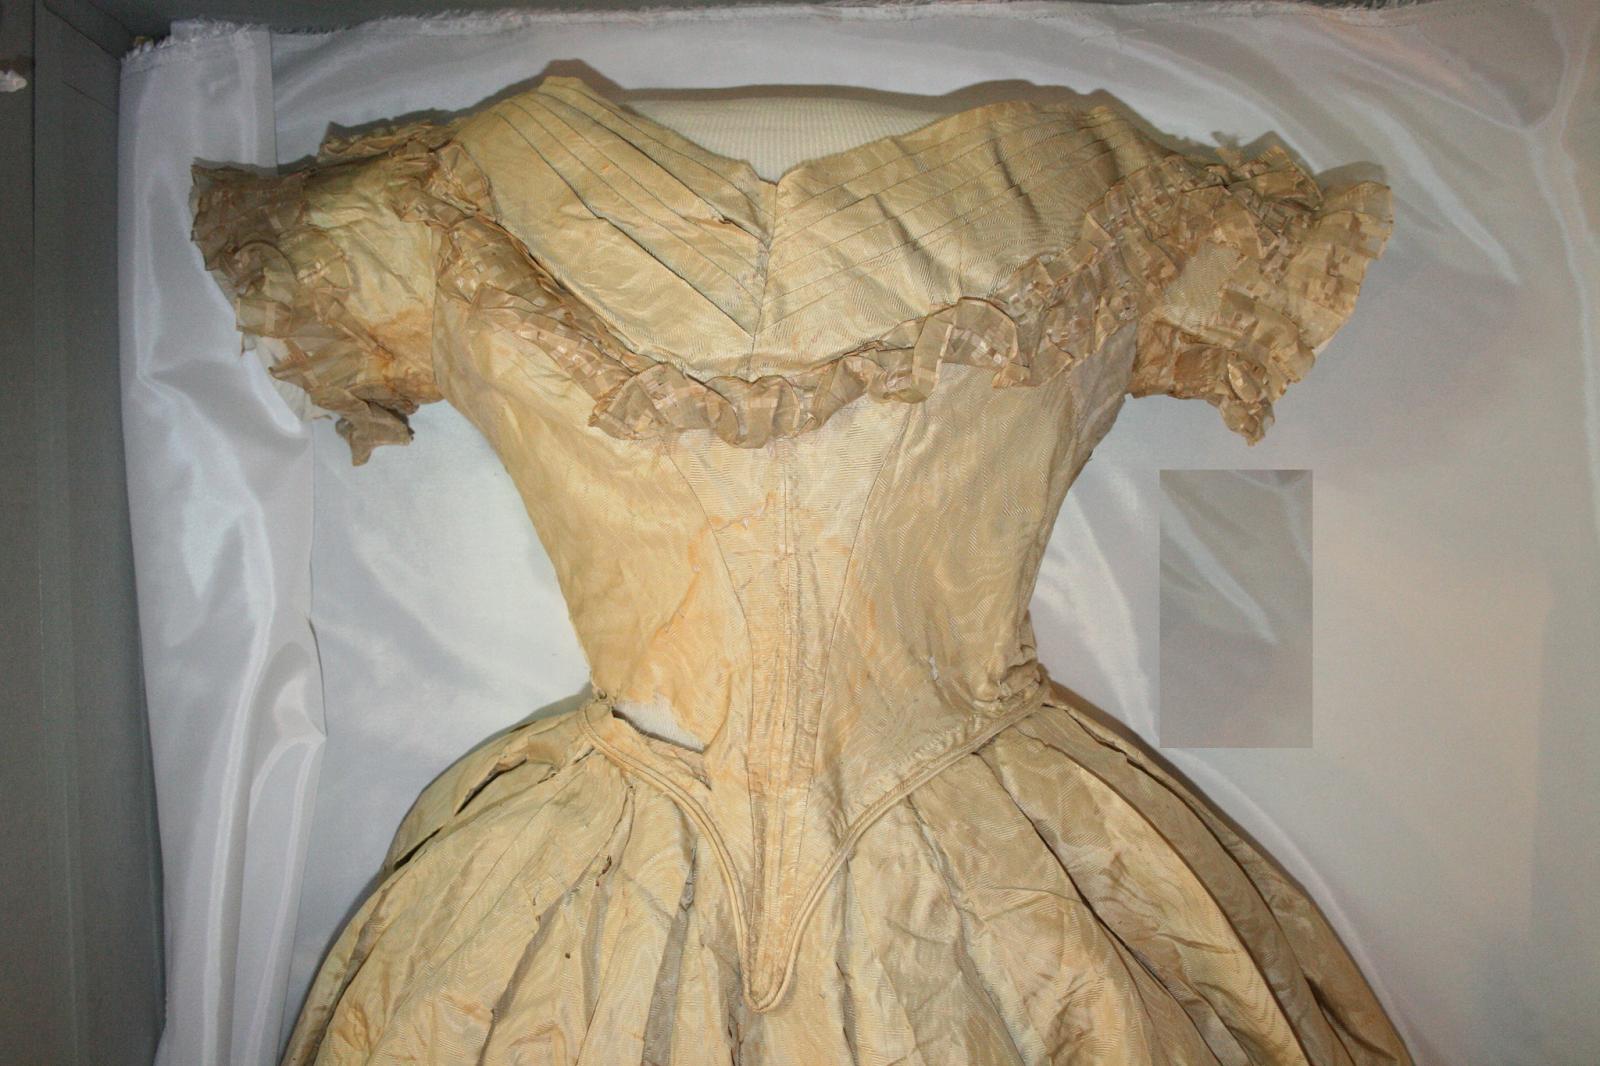 Textile conservation, museum storage, art conservator, Gwen Spicer, Spicer Art Conservation, Angelica Van Buren